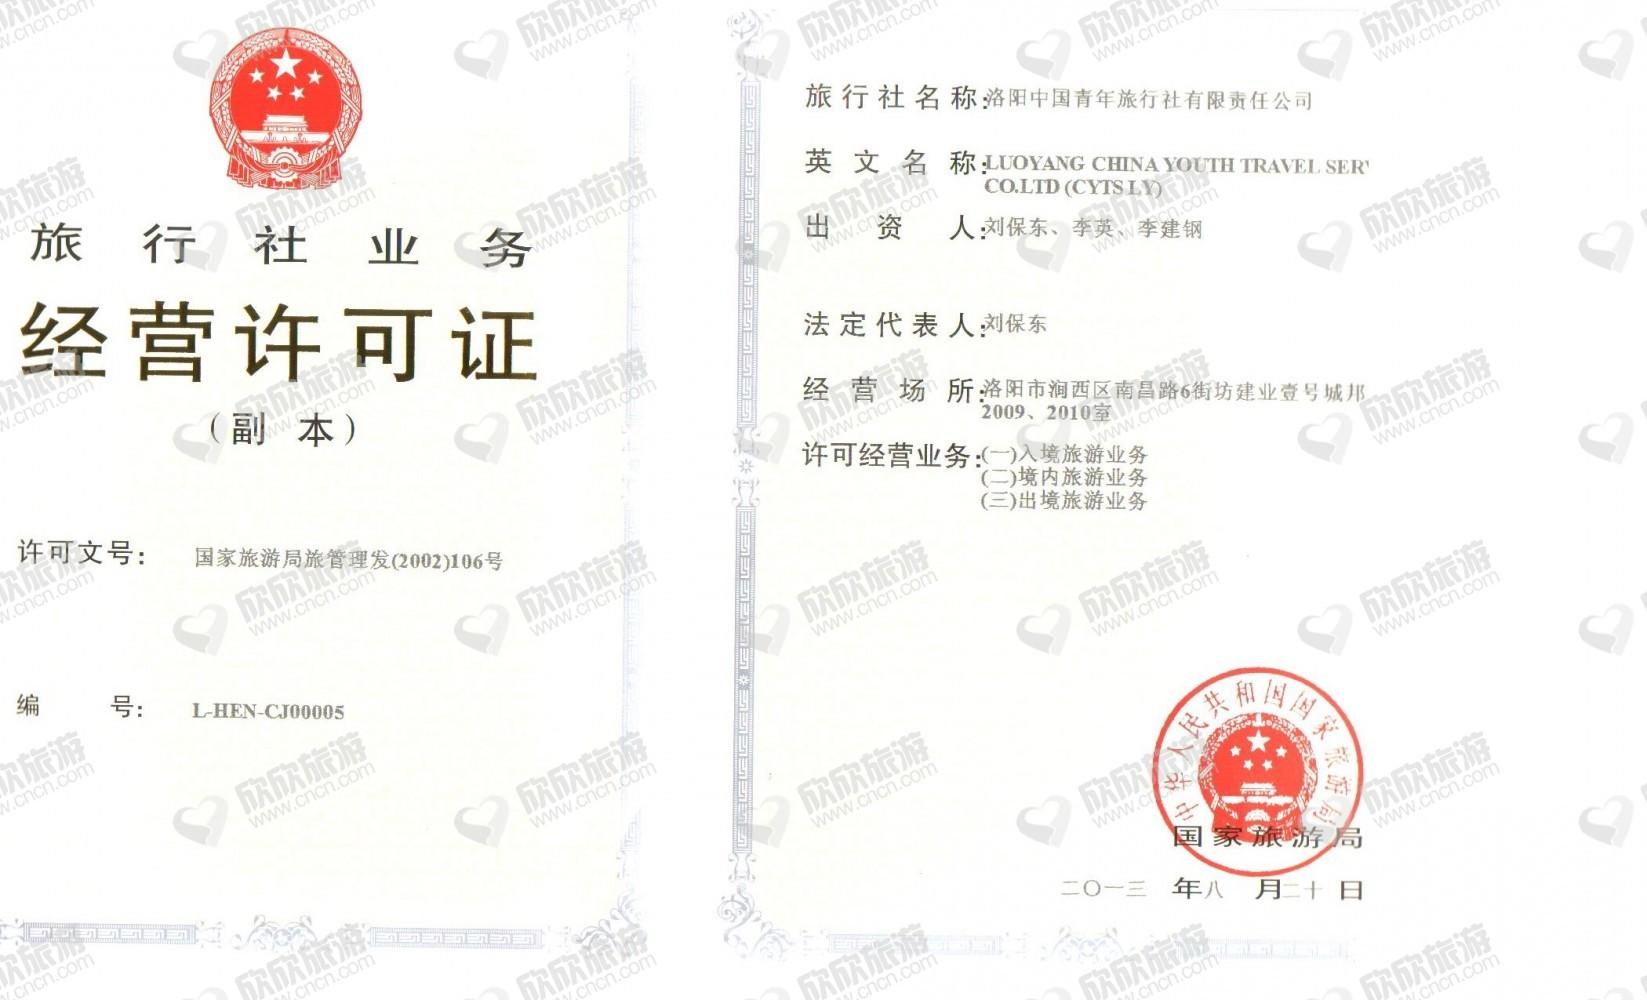 洛阳中国青年旅行社有限责任公司经营许可证